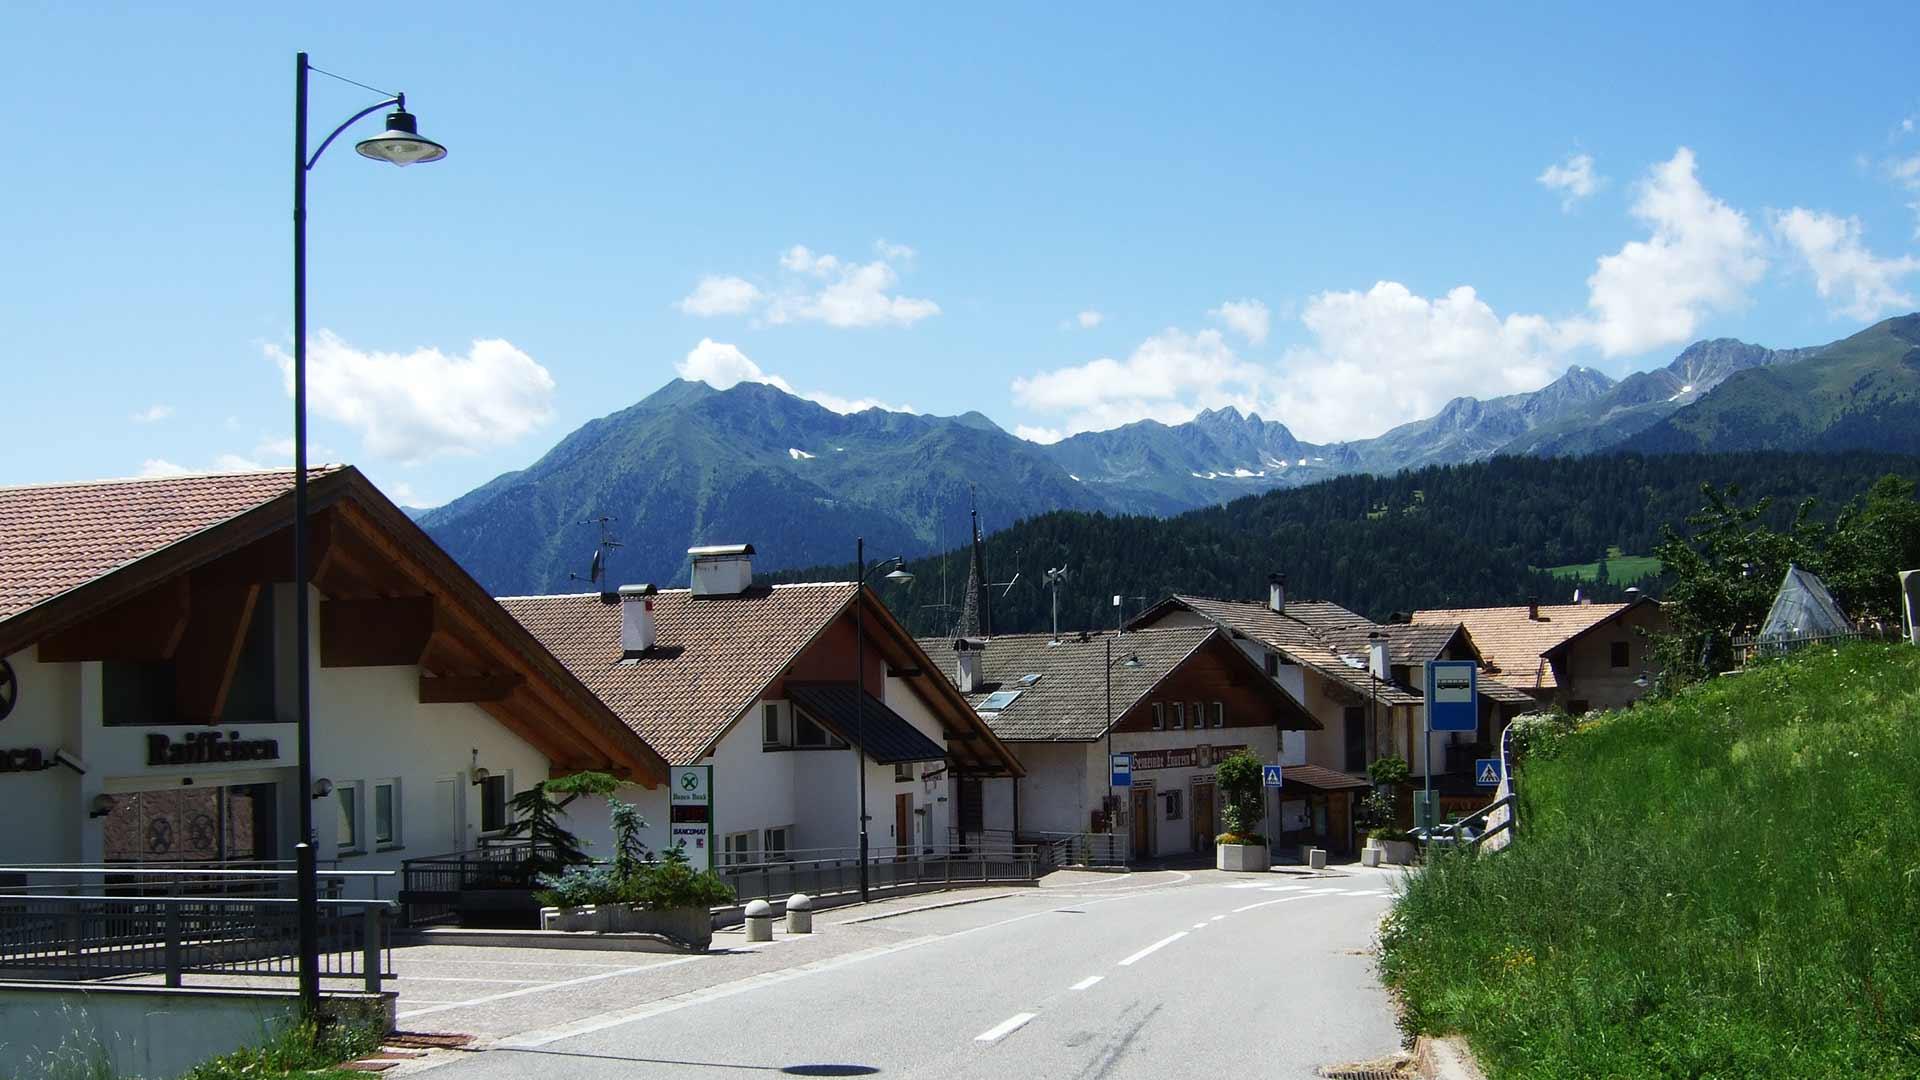 Dorf Laurein